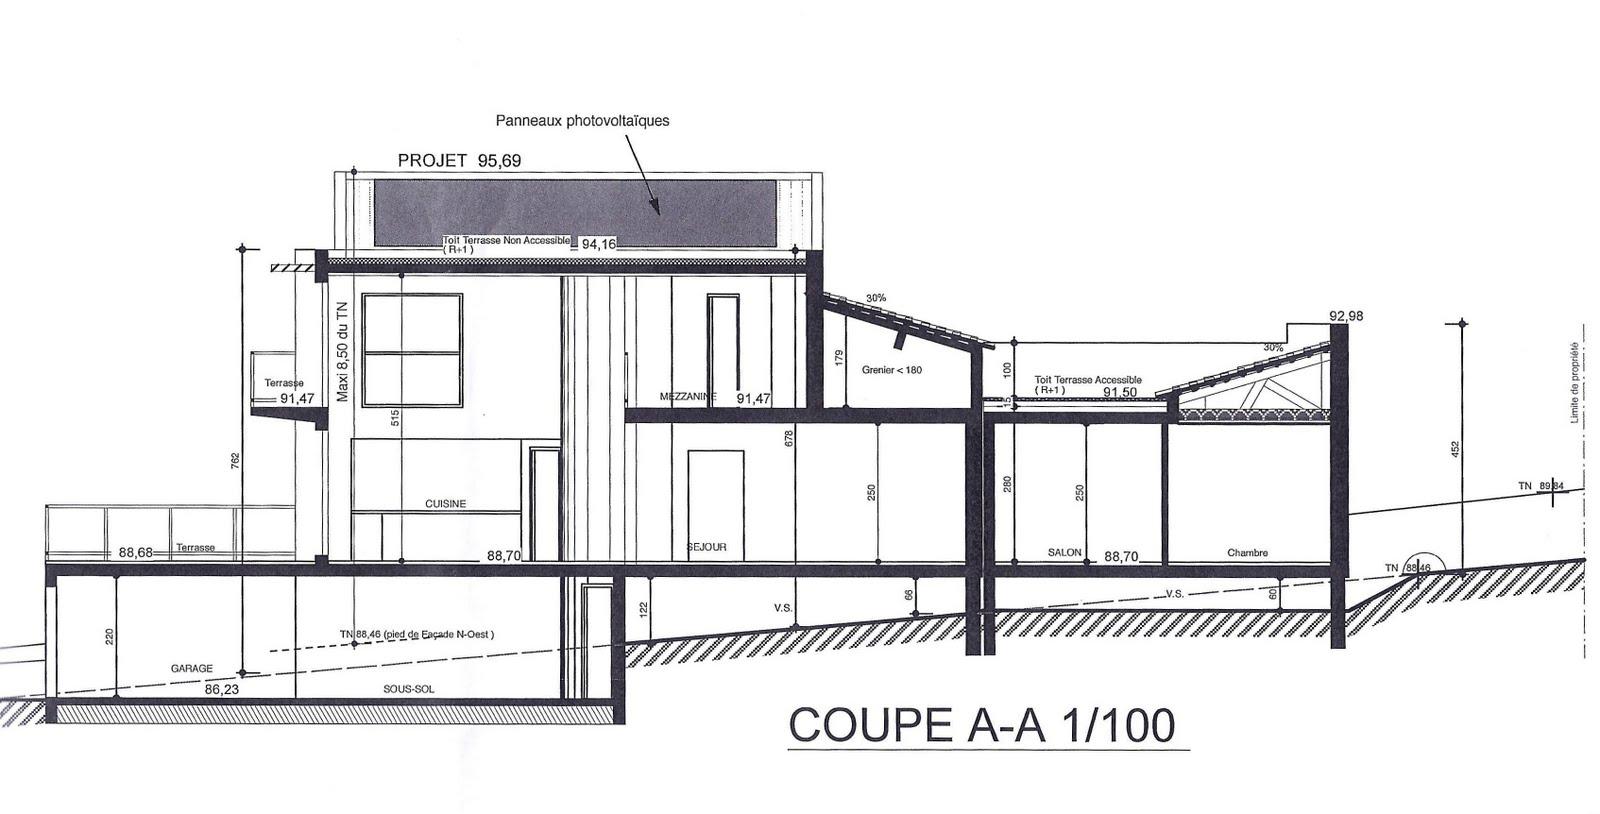 Attrayant En Attendant La Suite, Voici Les Dernières Modifications Des Plans De La  Maison. Conception Etonnante